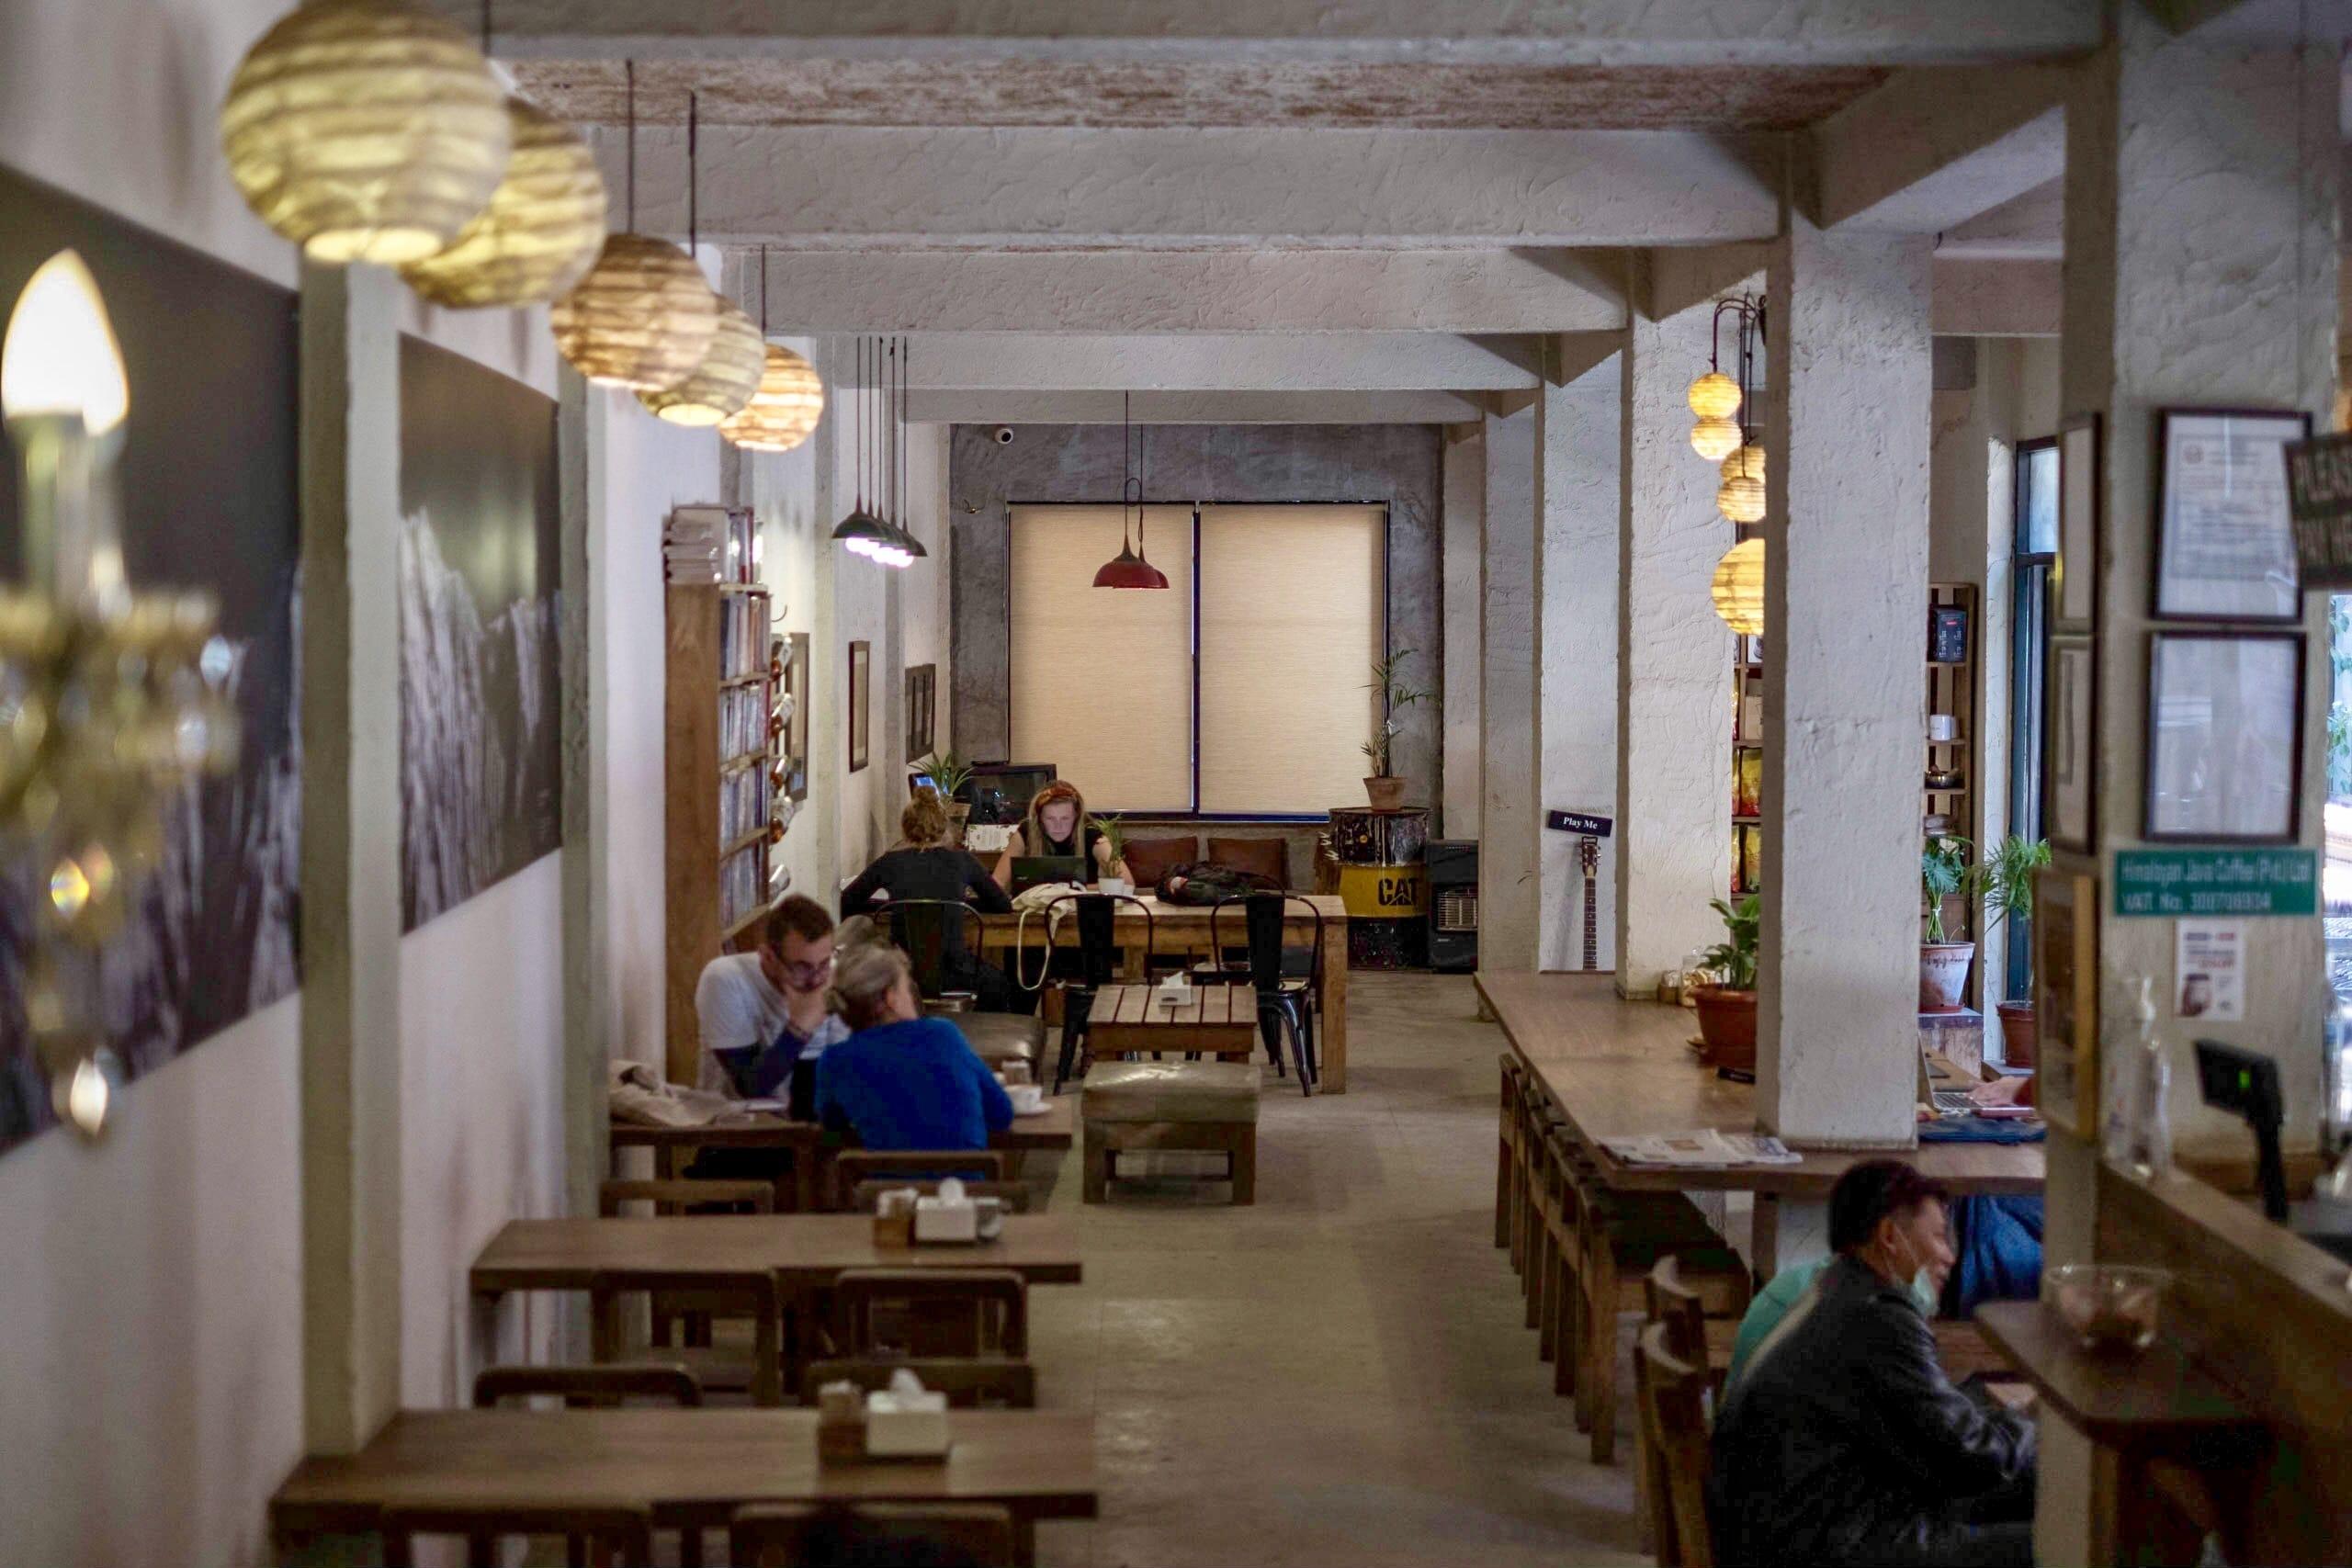 カトマンズの路地に佇むおしゃれカフェ「Himalayan Java Coffee」+Wi-Fiカフェ3つ|ネパール